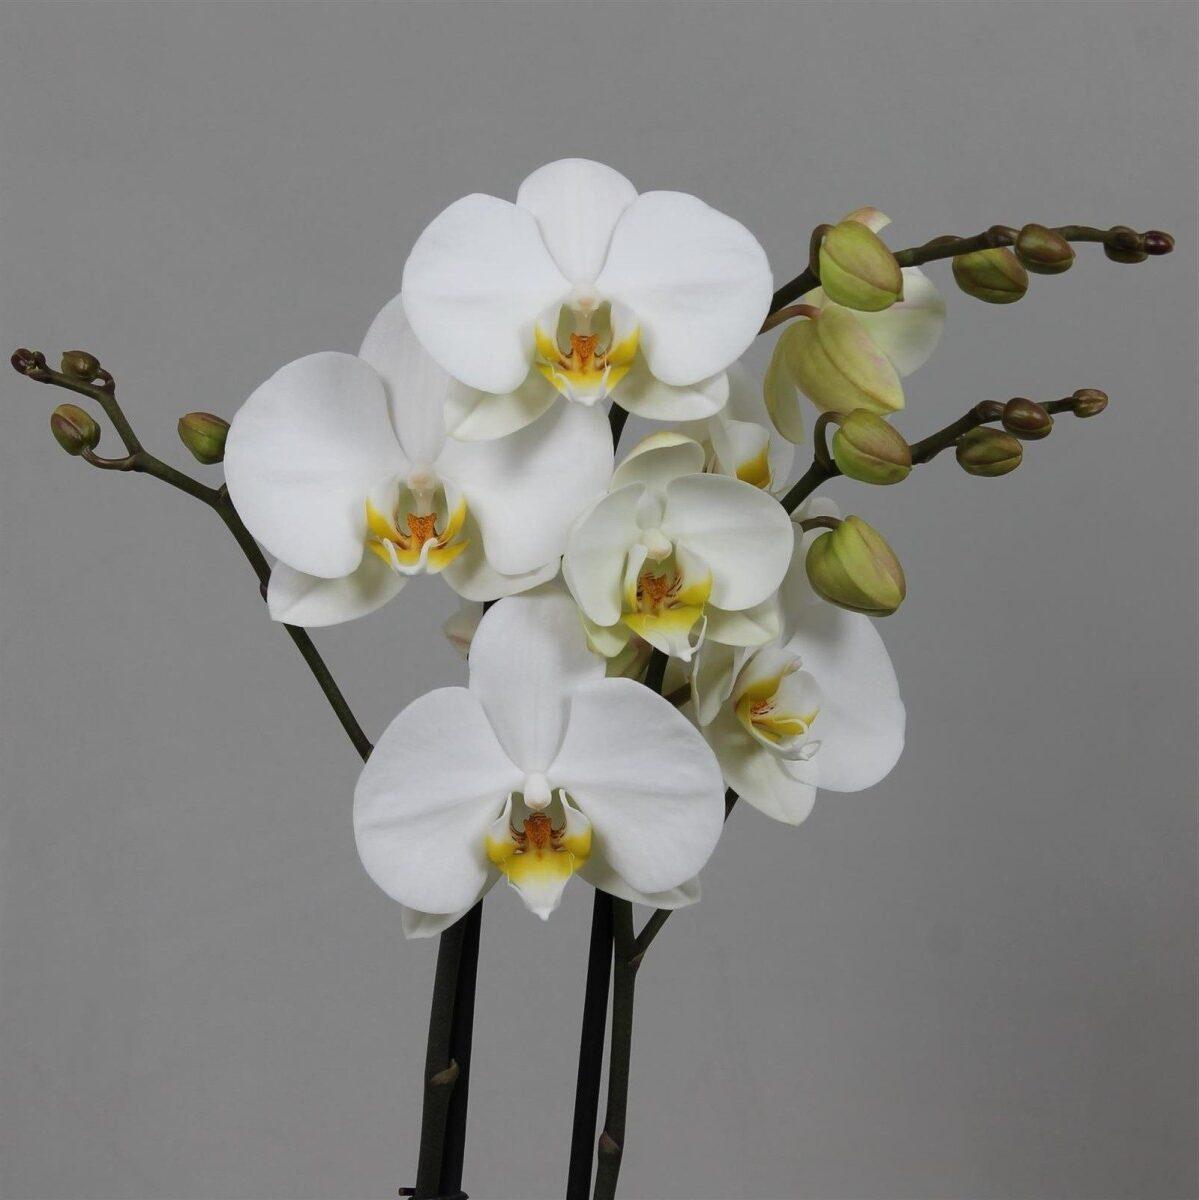 Beyaz orkide çiçeği nasıl yetişir?